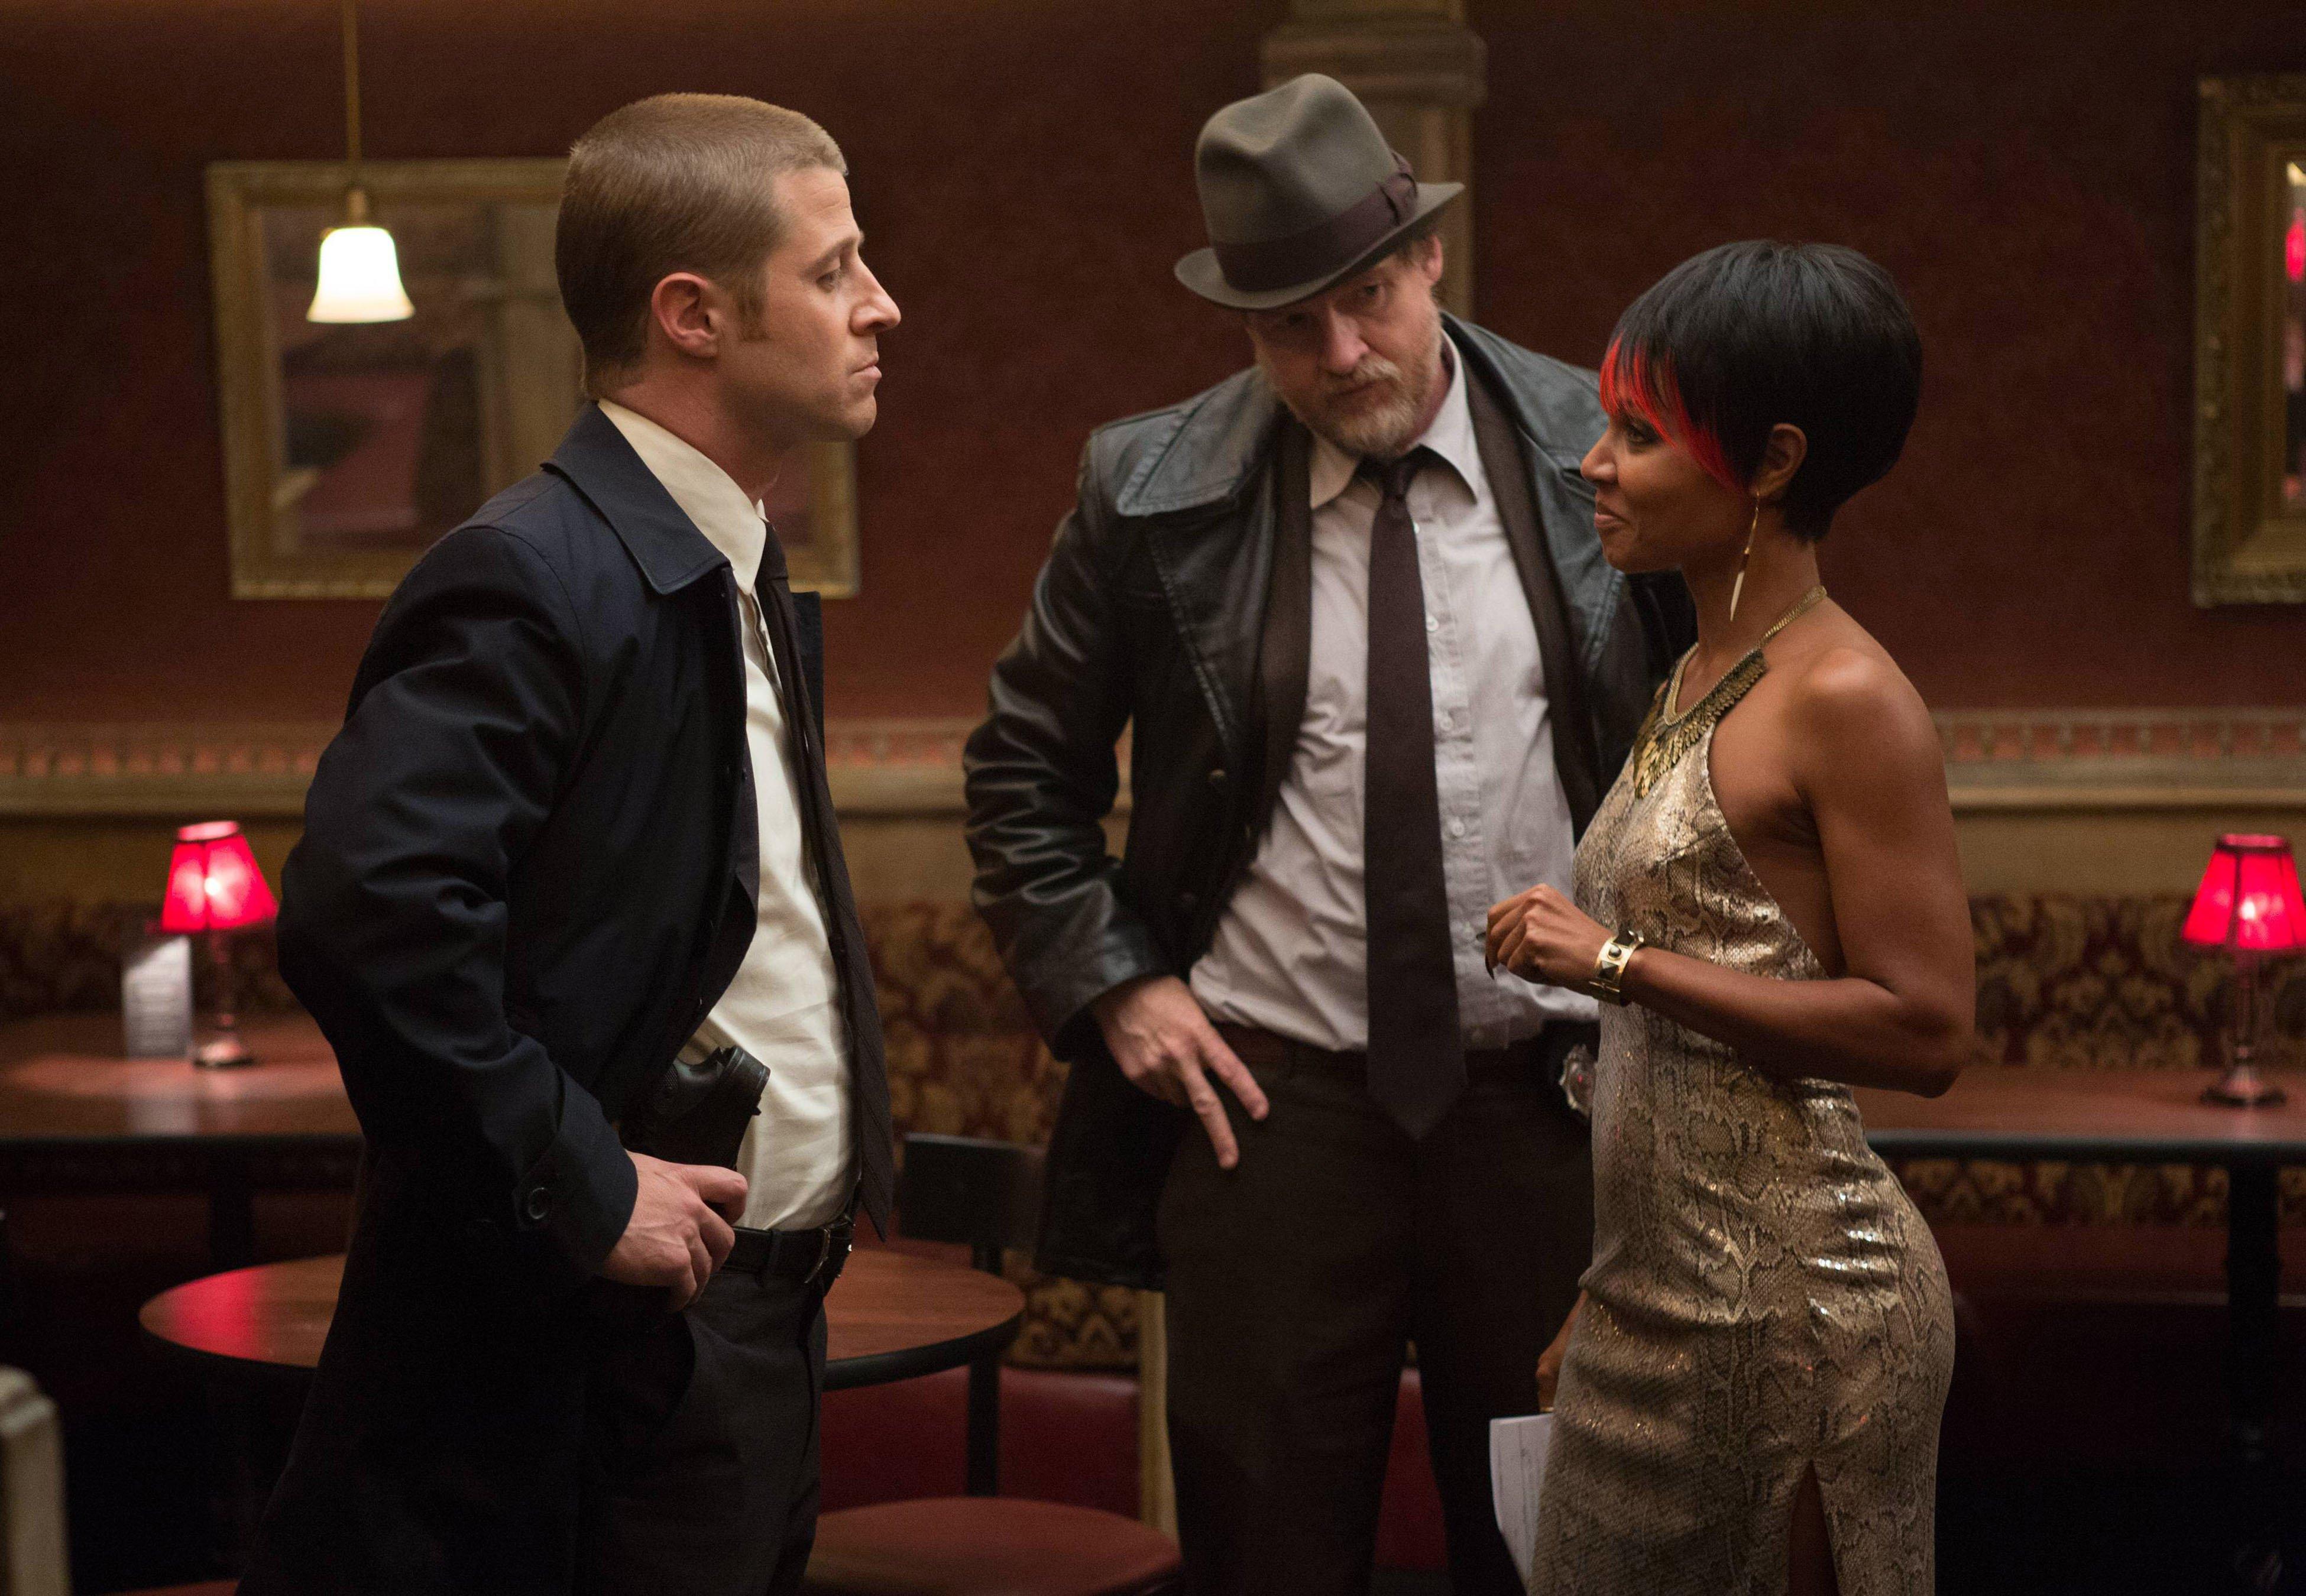 Gotham_102_MooneysNightClub_0980r_40c3e91f